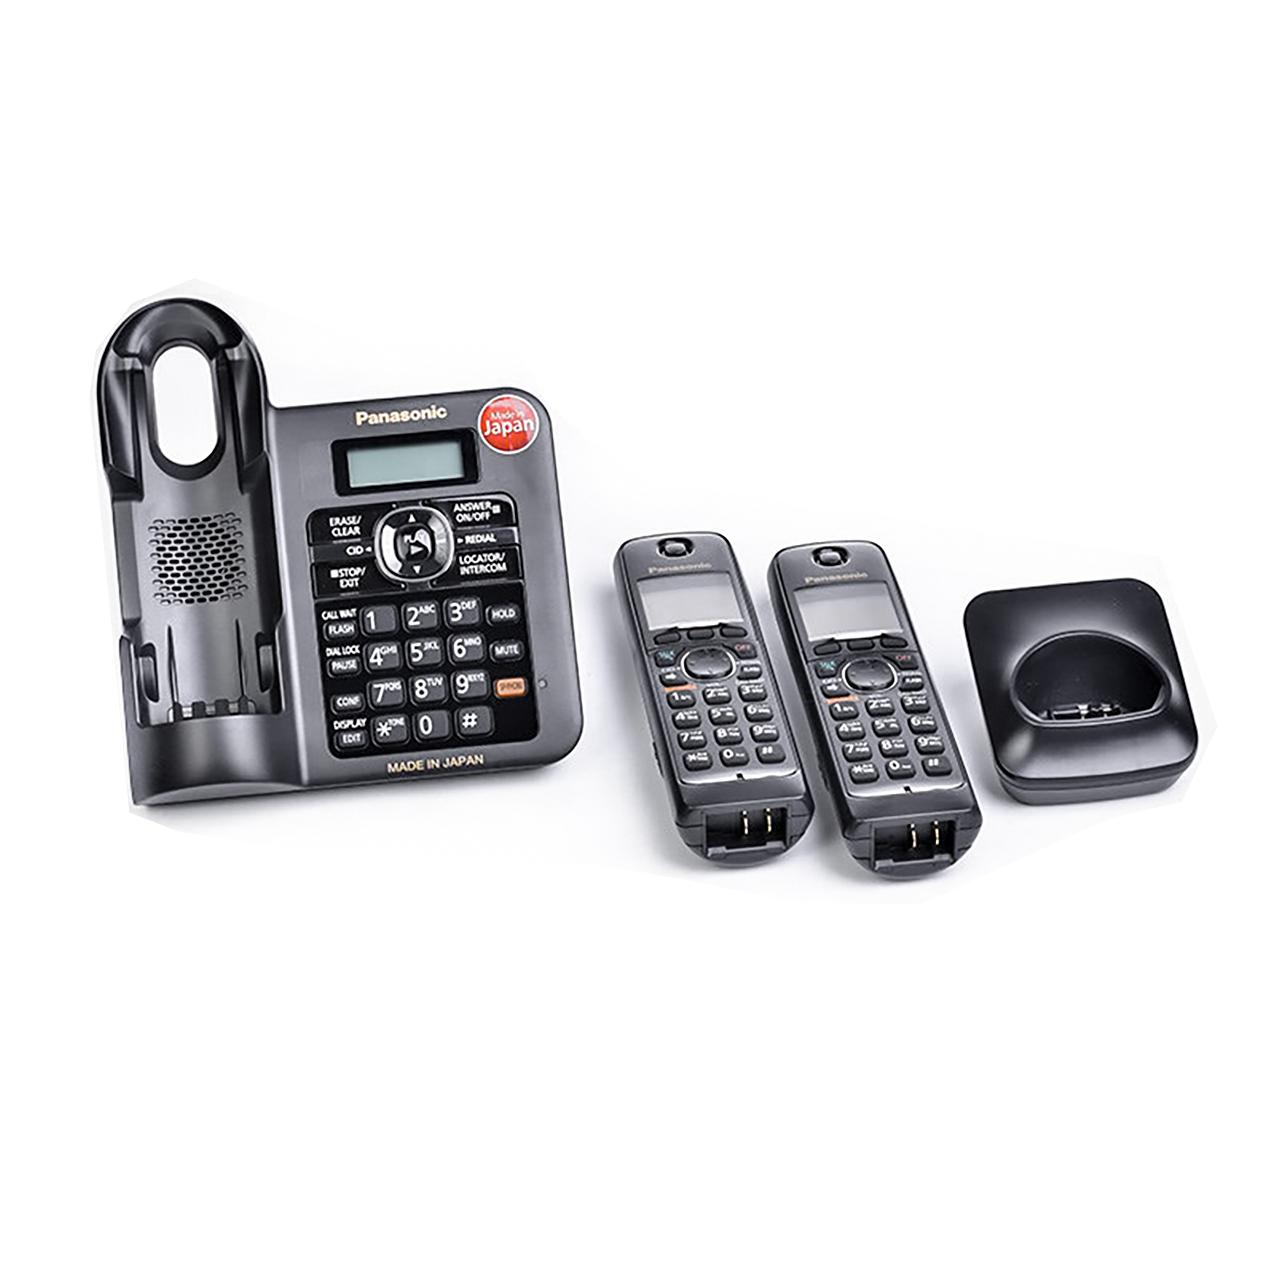 گوشی تلفن بیسیم پاناسونیک مدل Panasonic-KX-TG3822JX ساخت ژاپن | جزییات